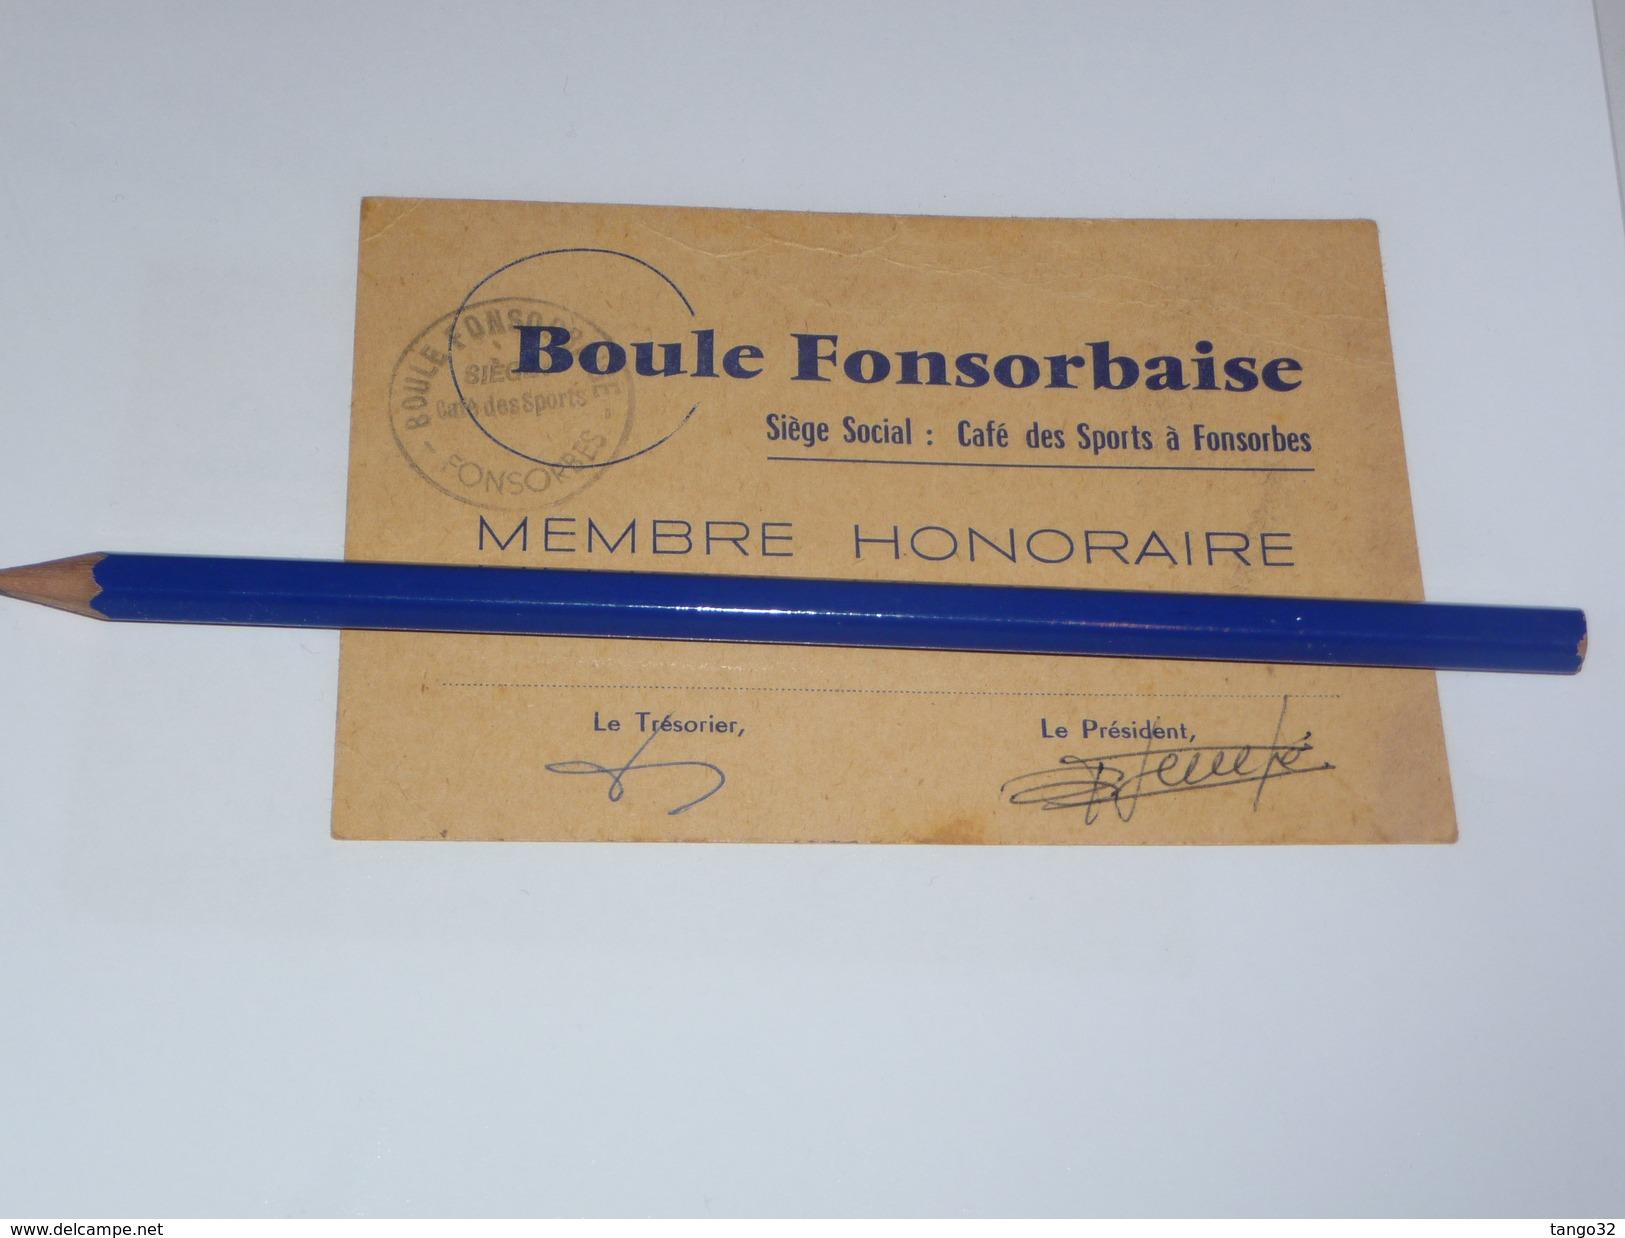 Petanque Carte De Membre Honoraire Boule Fonsorbaise Fonsorbes Cafe Des Sports 31 Haute Garonne - Pétanque